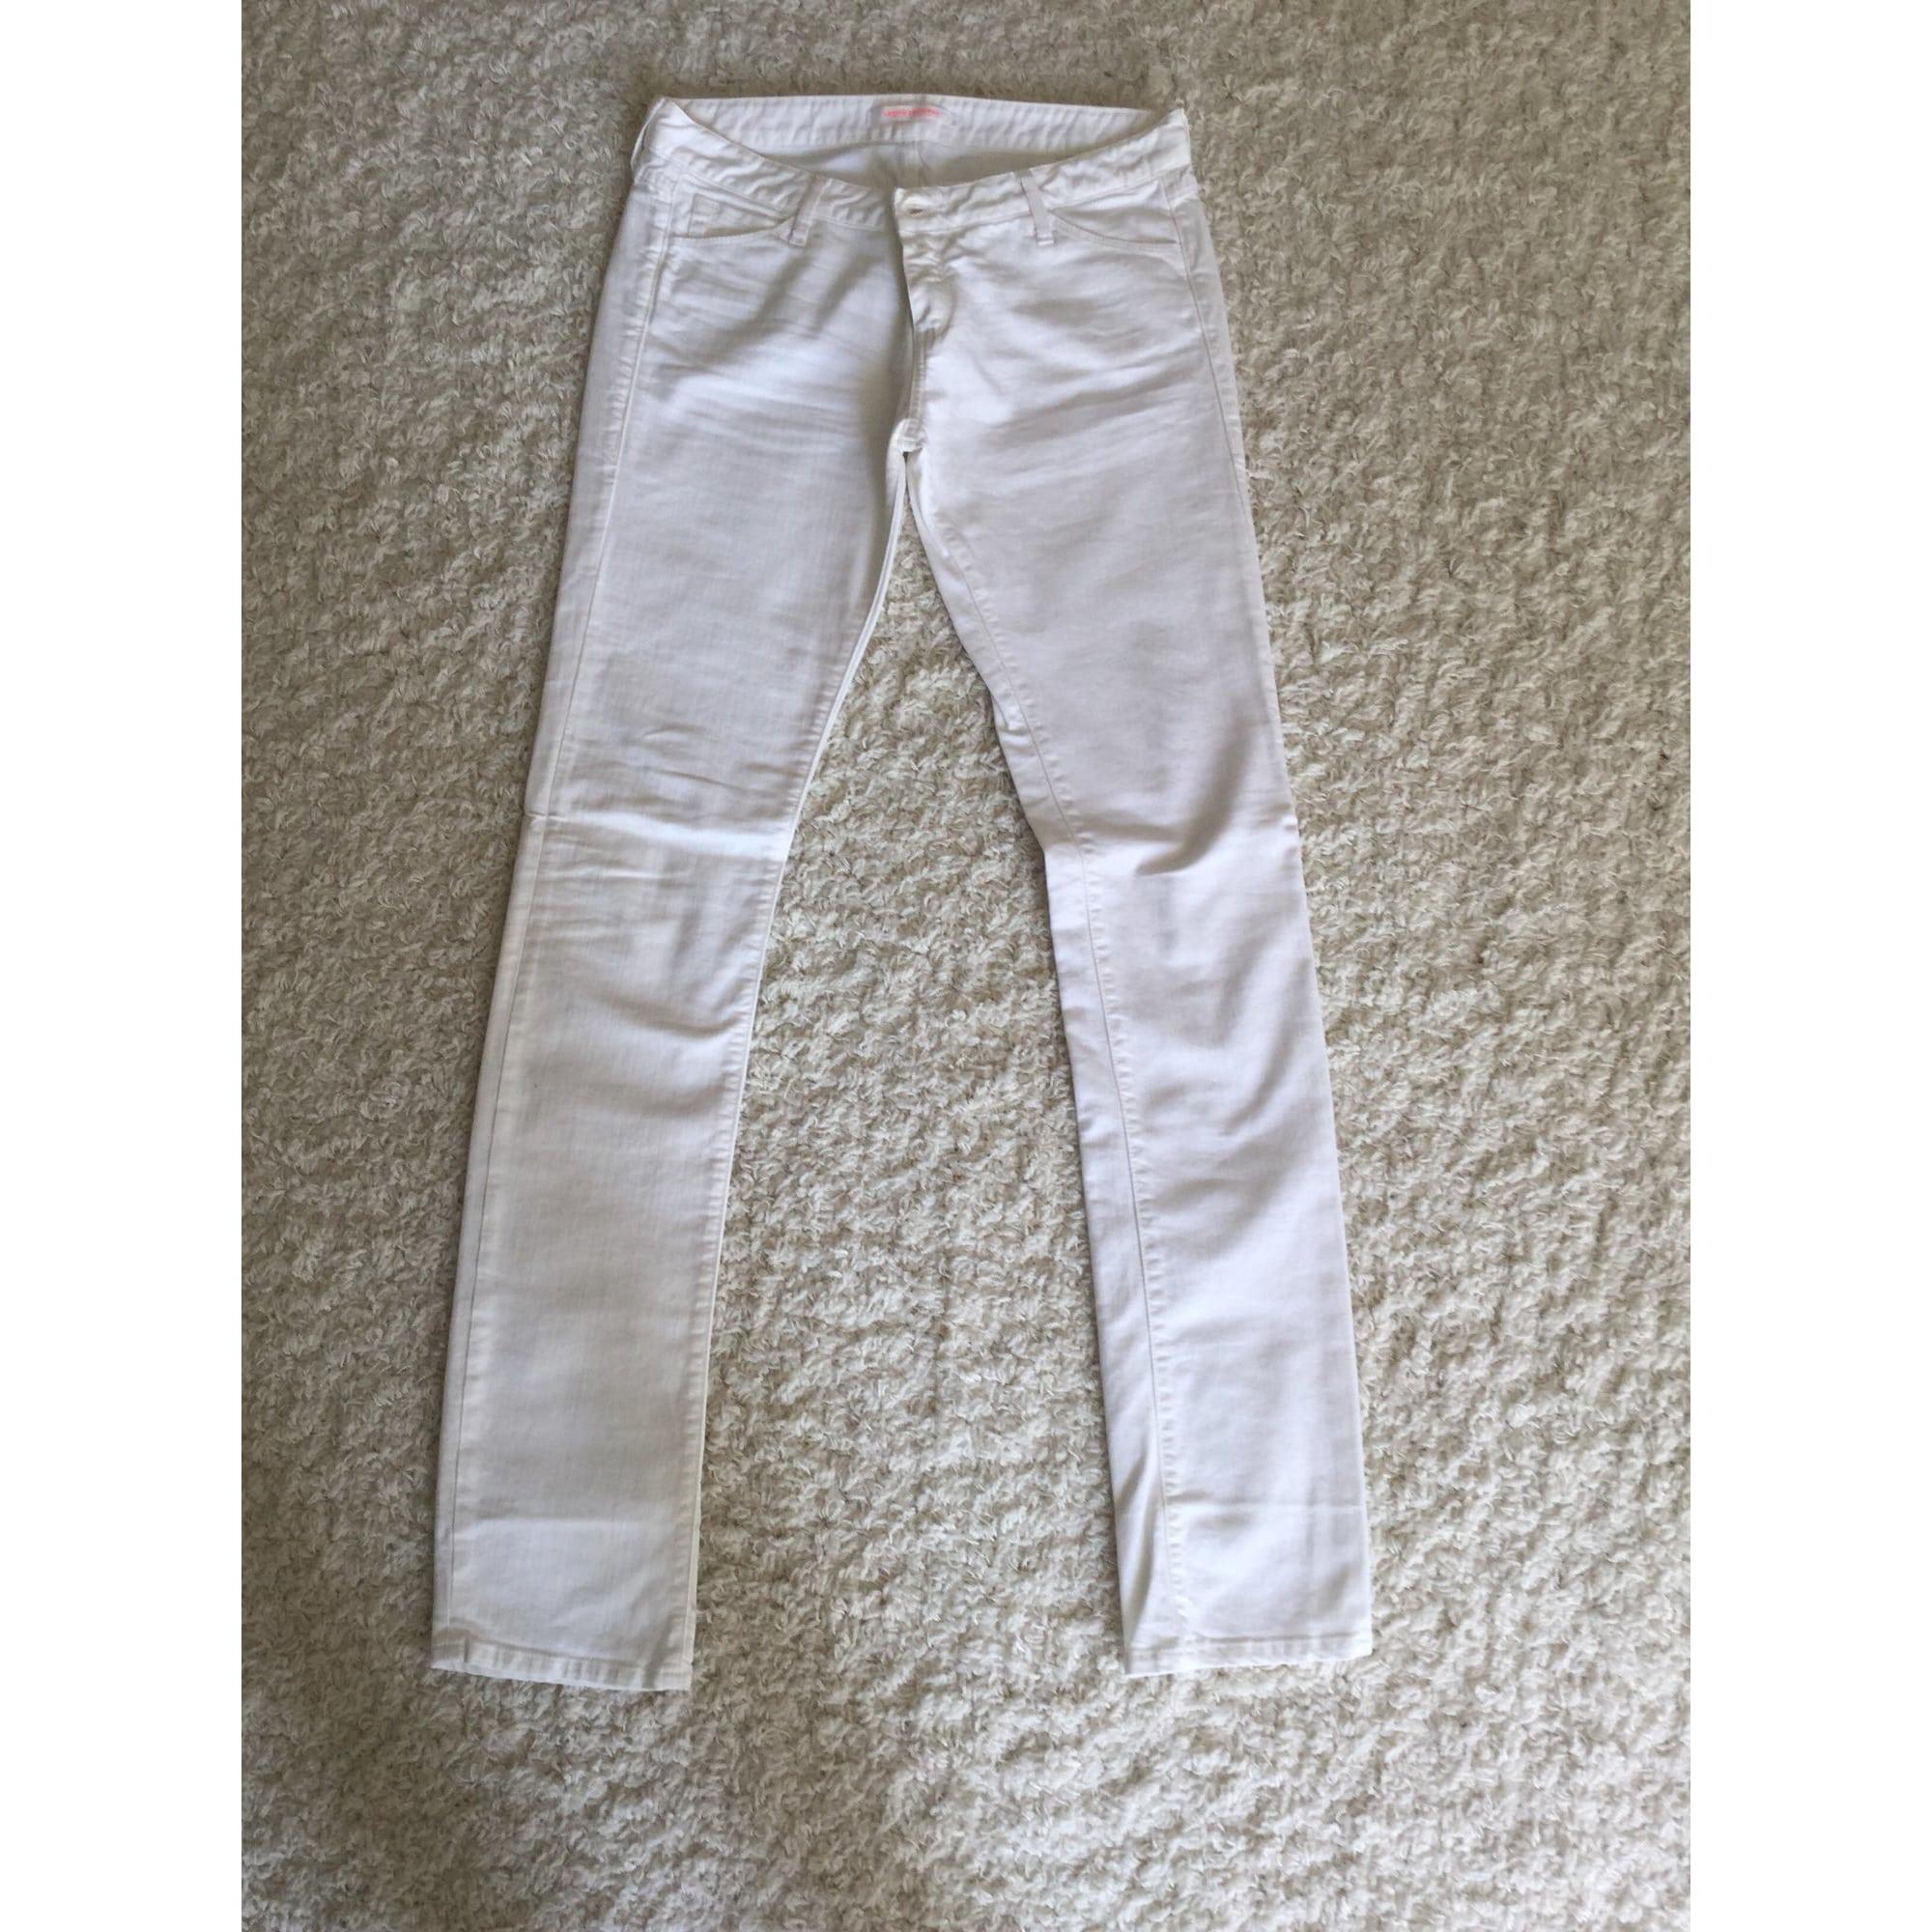 Jeans droit VIRGINIE CASTAWAY Blanc, blanc cassé, écru